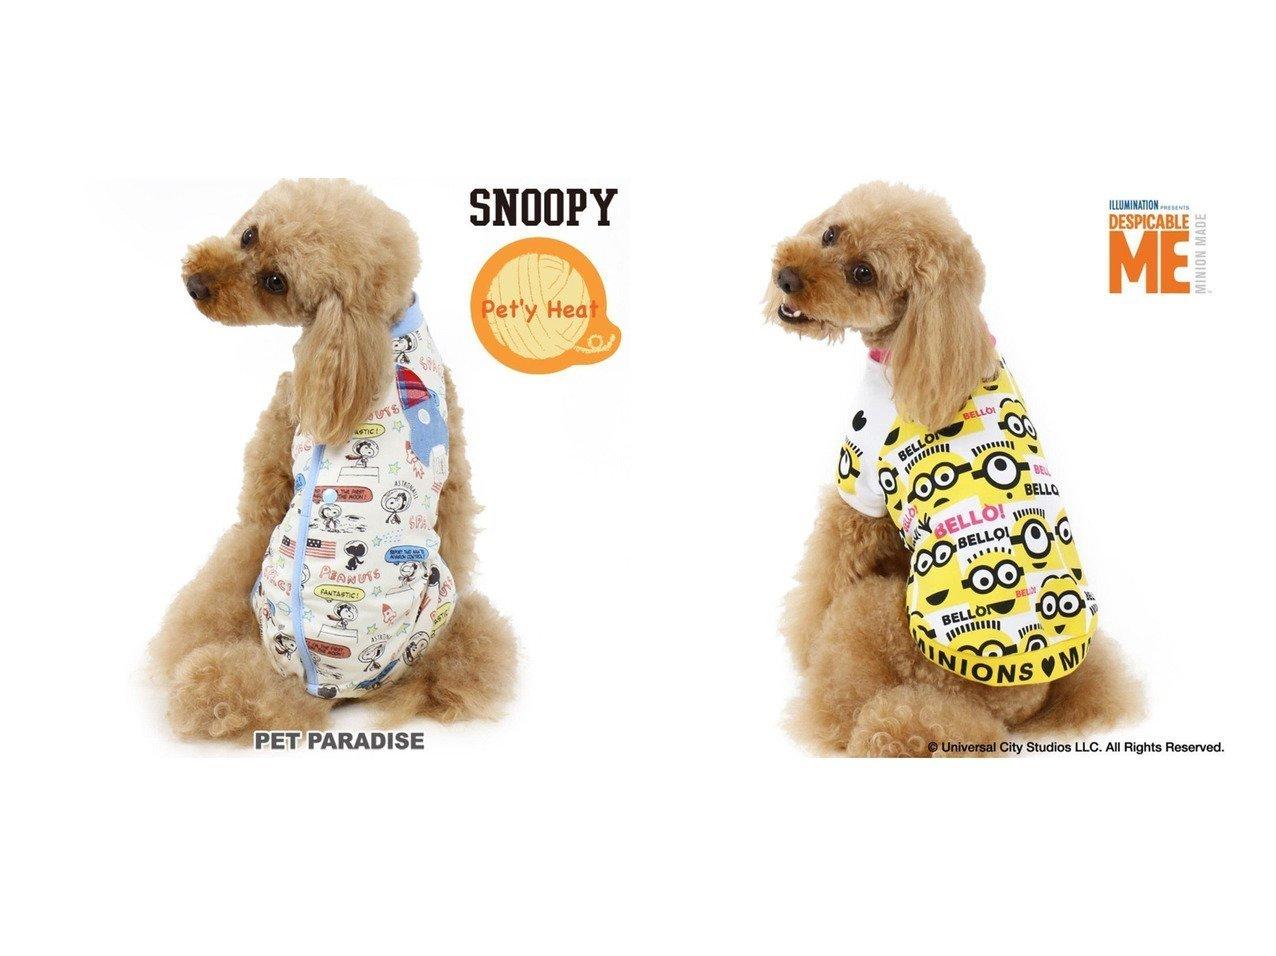 【PET PARADISE/ペットパラダイス】のスヌーピー アストロ ペティヒート ロンパース〔小型犬〕&ミニオン ベロー トレーナー〔小型犬〕 おすすめ!人気、ペットグッズの通販 おすすめで人気の流行・トレンド、ファッションの通販商品 メンズファッション・キッズファッション・インテリア・家具・レディースファッション・服の通販 founy(ファニー) https://founy.com/ トレーナー 犬 Dog ホームグッズ Home/Garden ペットグッズ Pet Supplies  ID:crp329100000032791